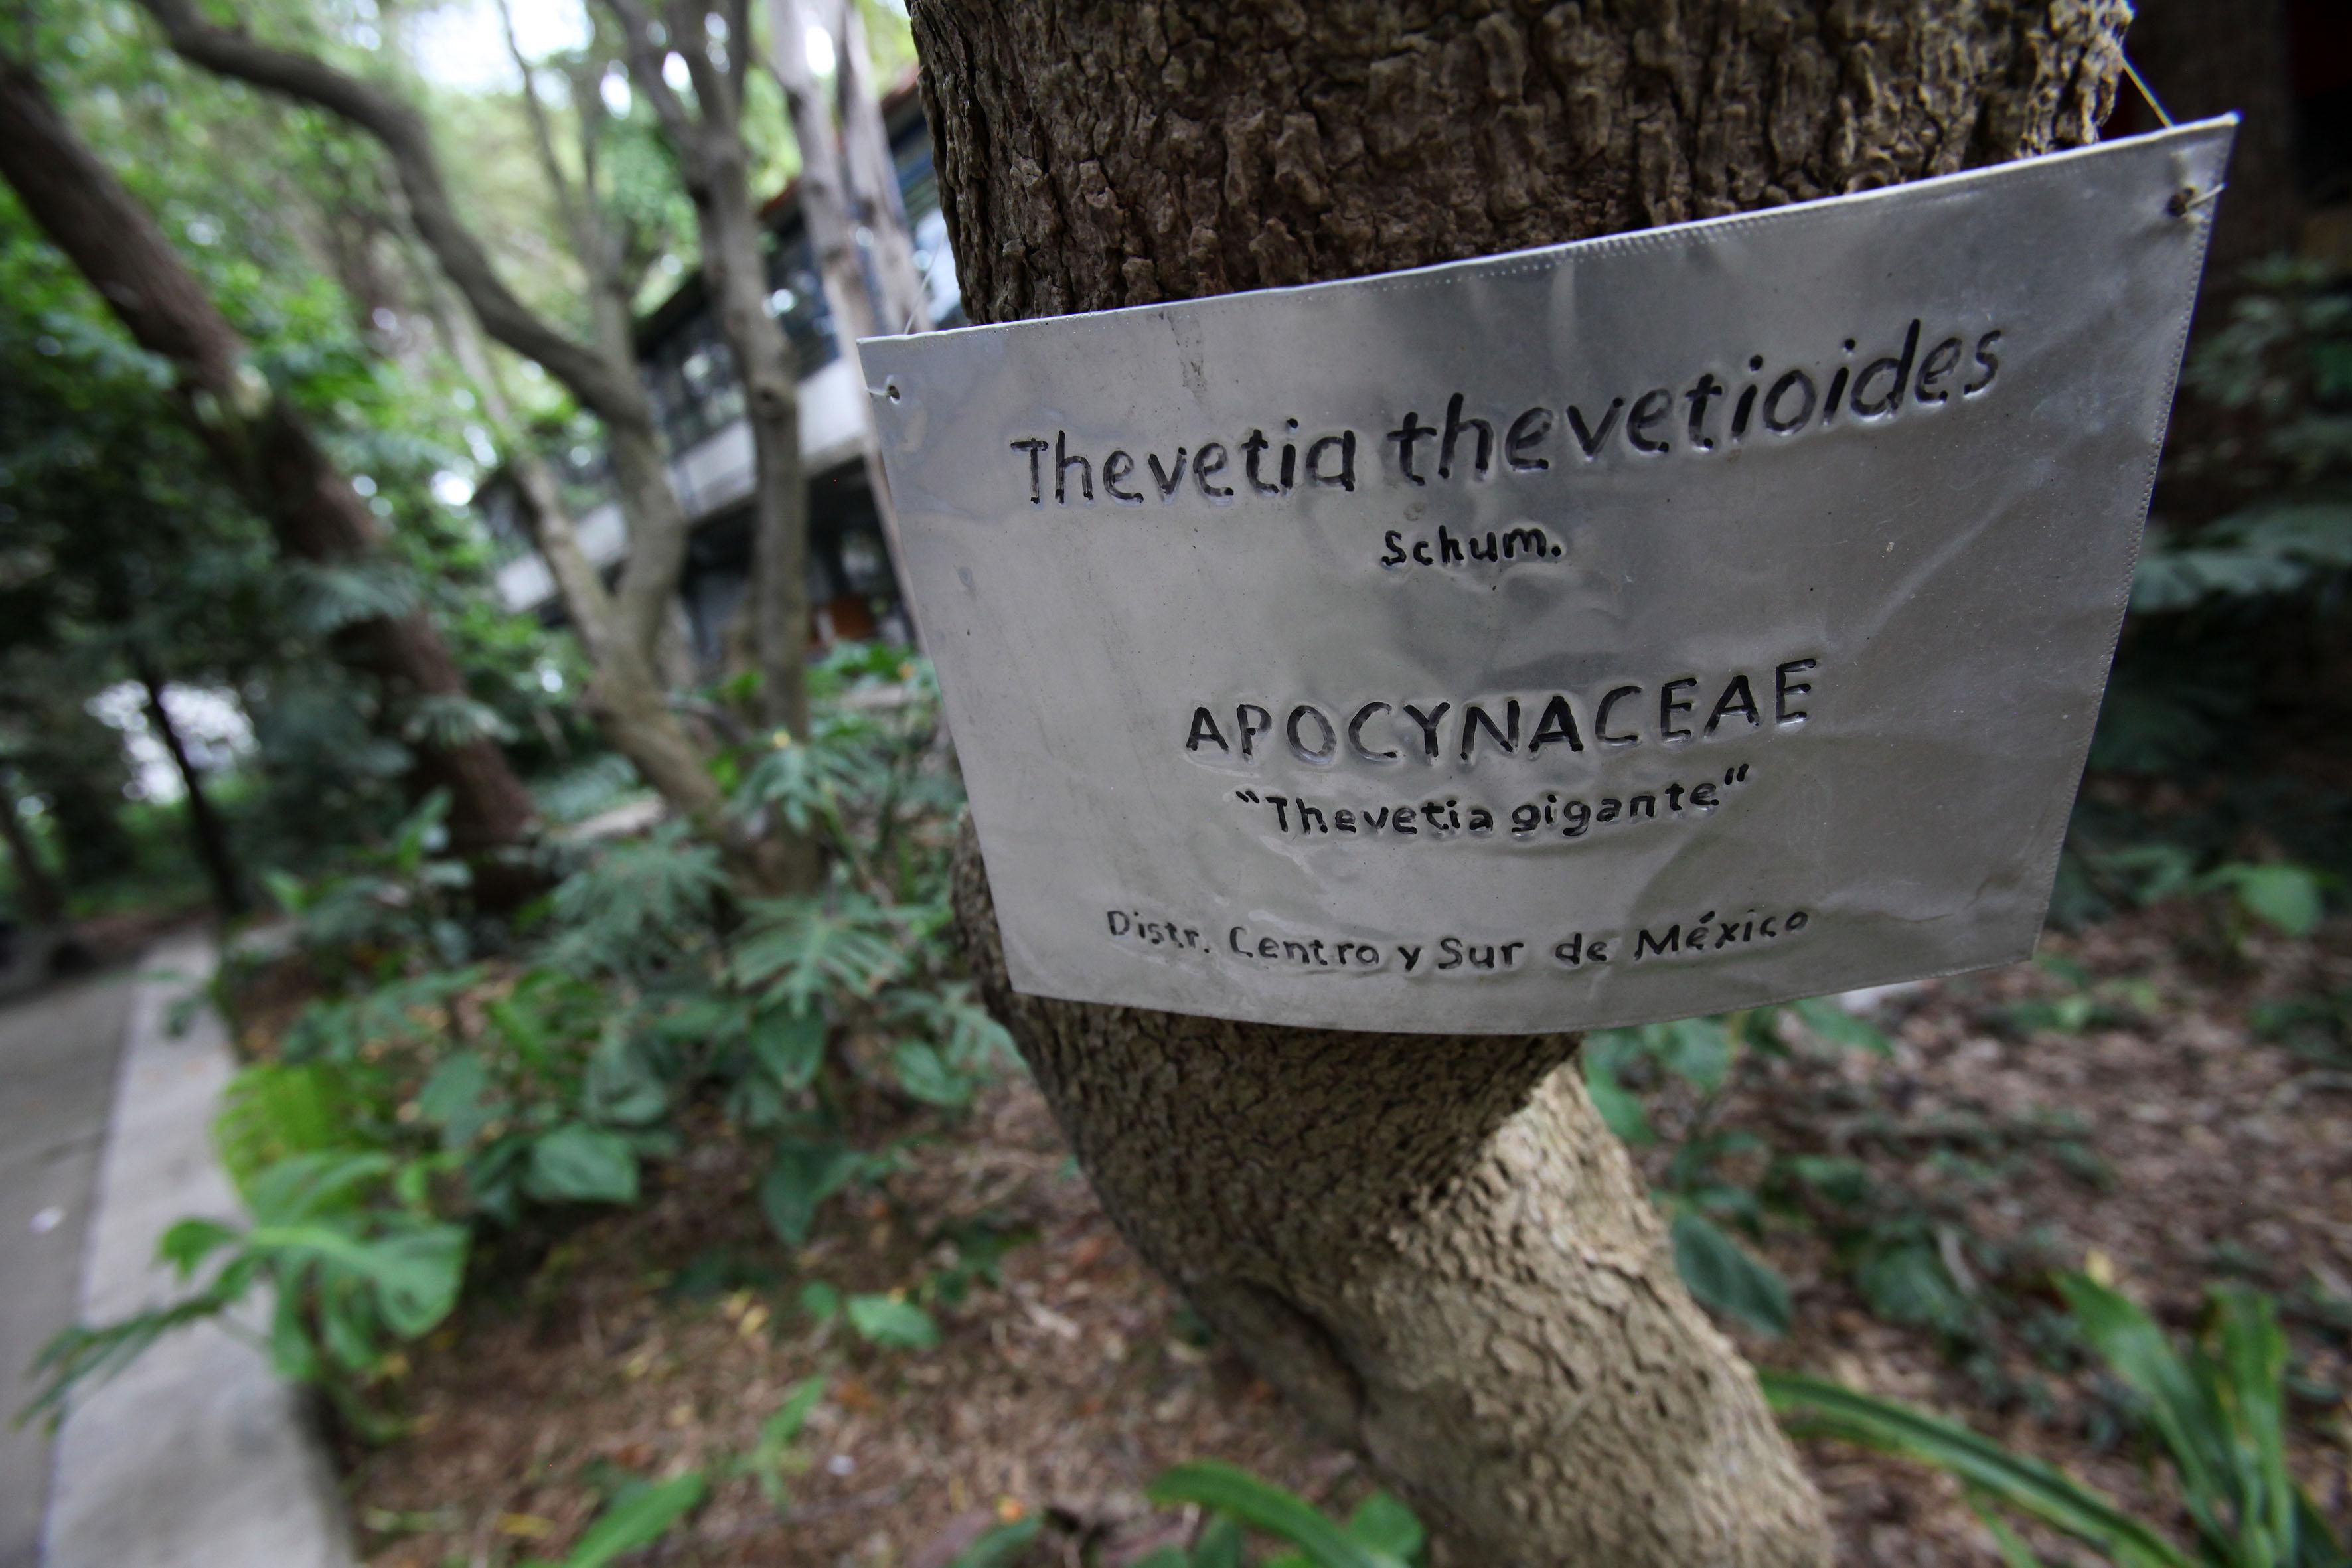 """Letrero  con información de un árbol llamado Thevetia thevetioides """"Thevetia gigante"""""""